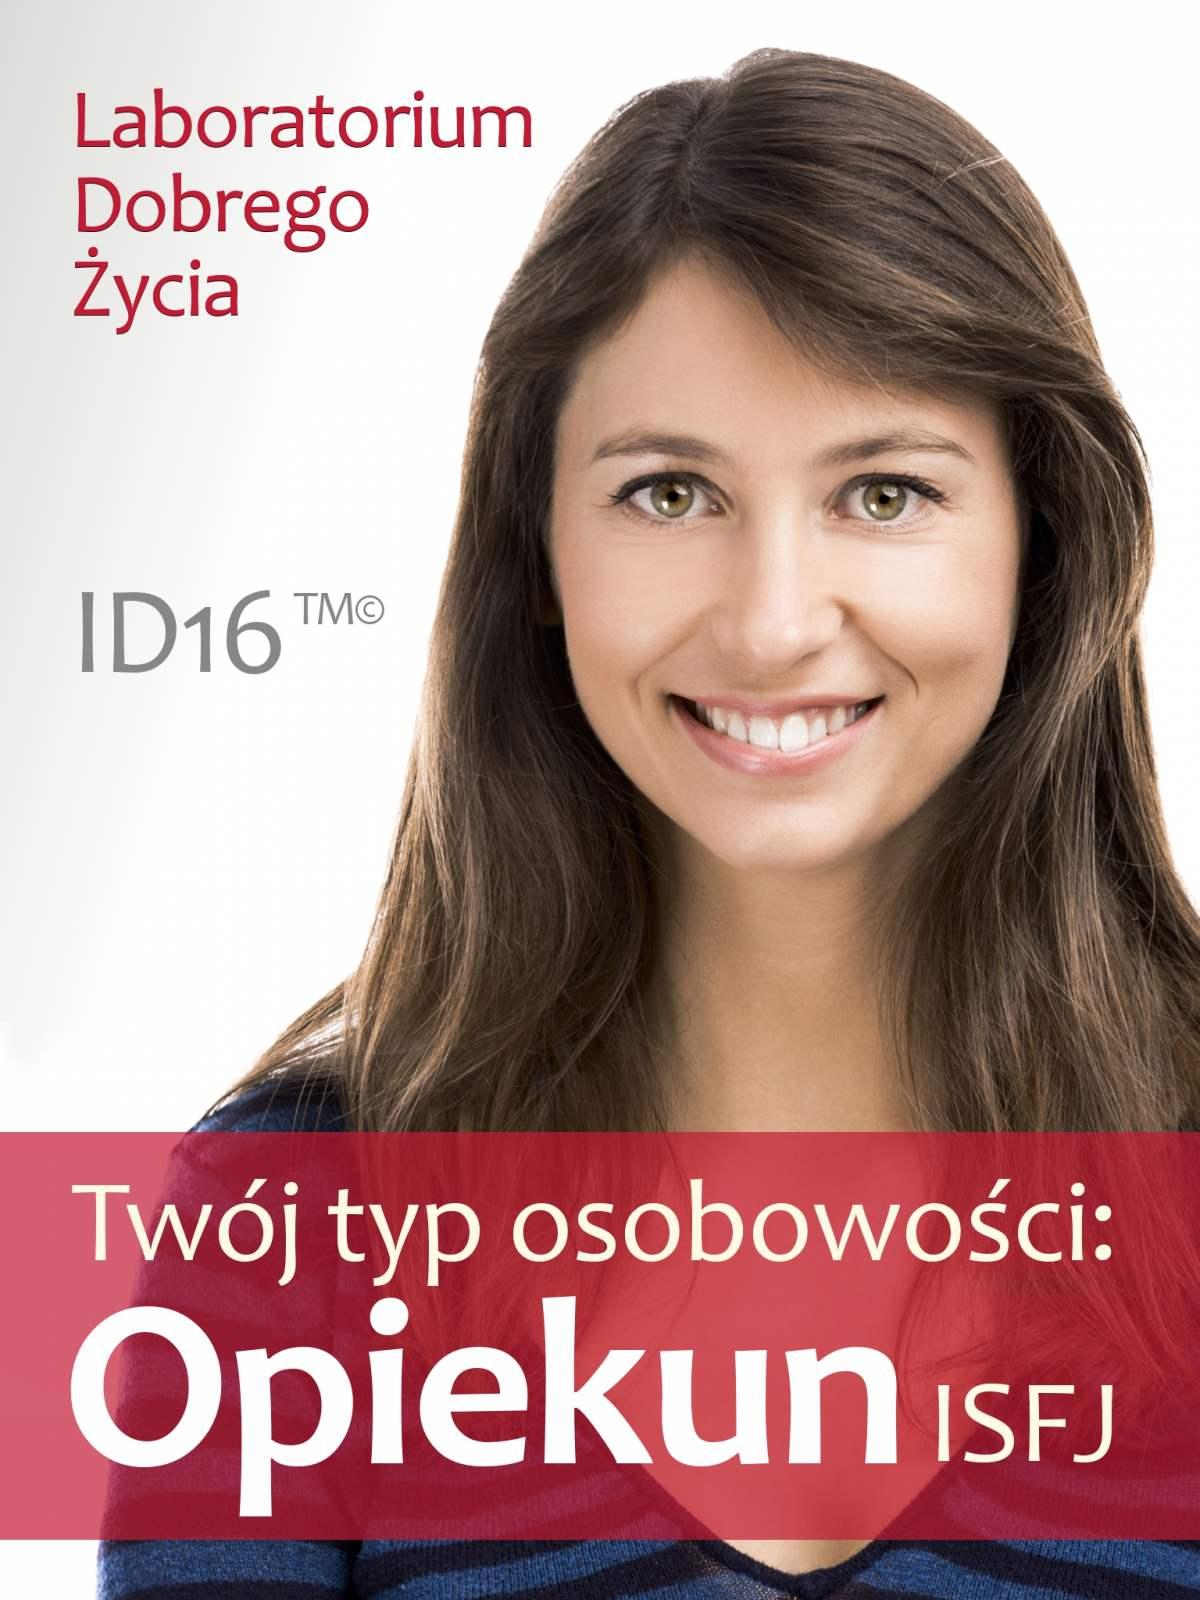 Twój typ osobowości: Opiekun (ISFJ) - Ebook (Książka PDF) do pobrania w formacie PDF